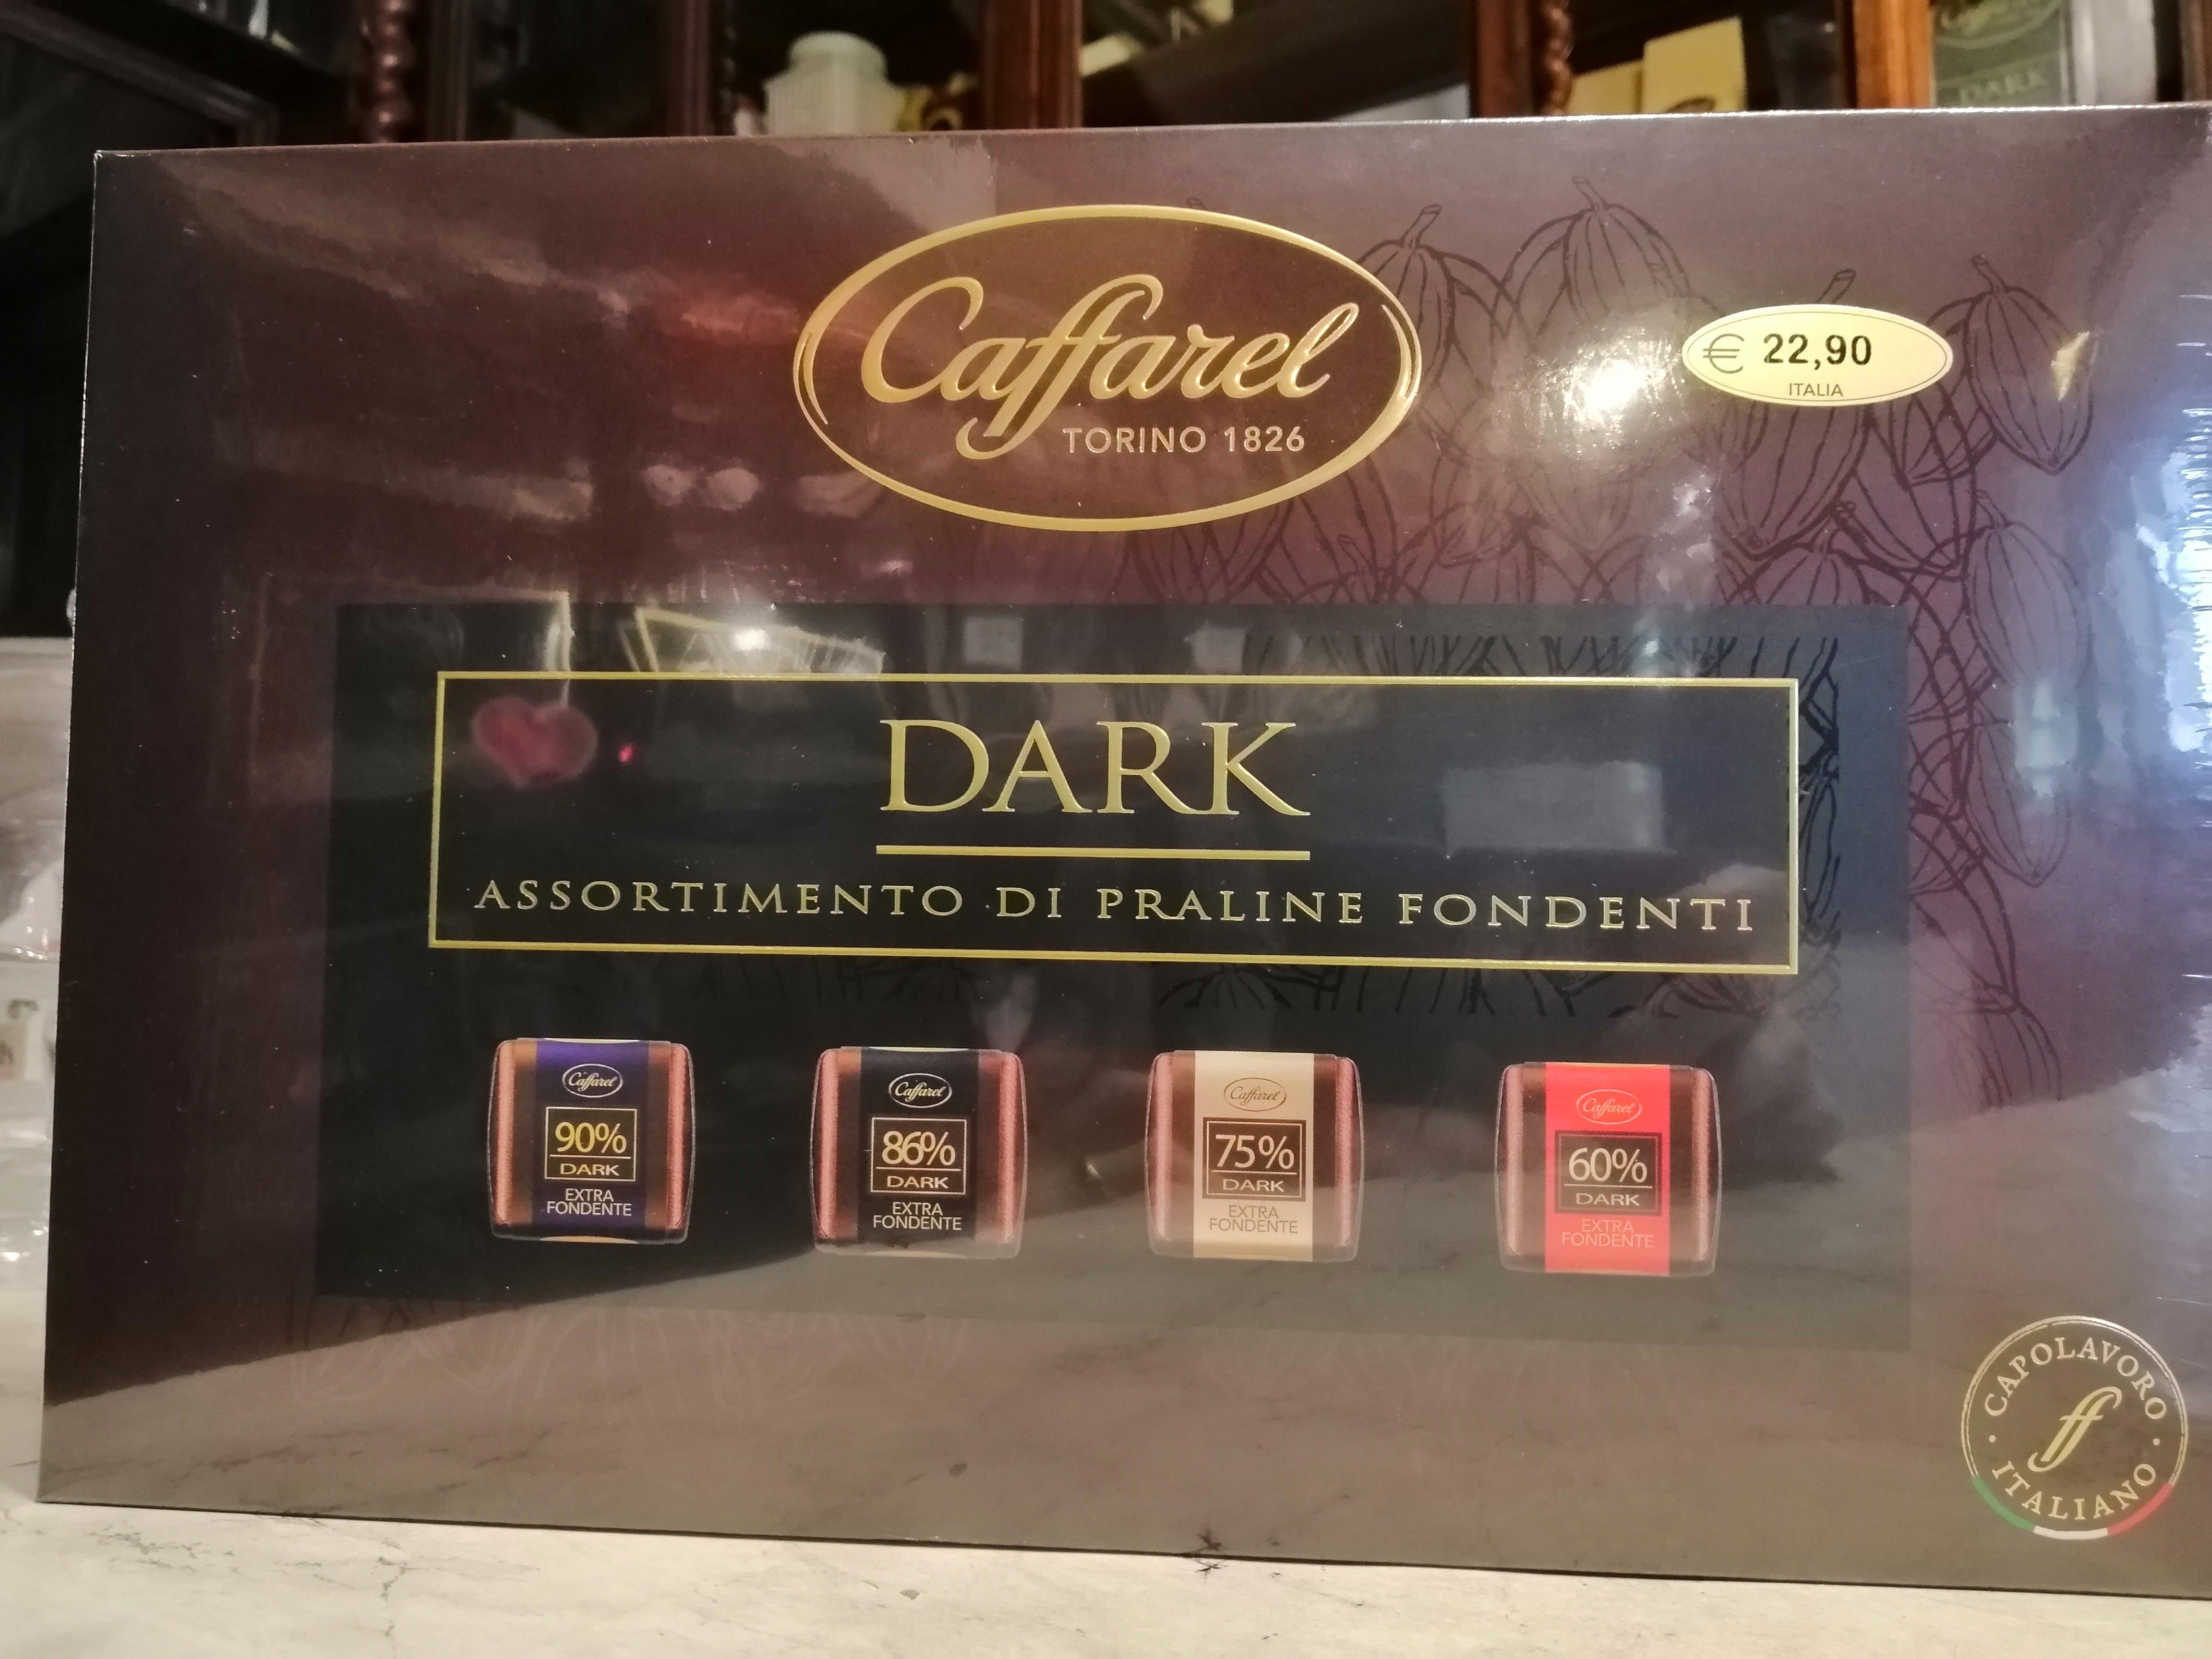 Caffarel, Dark